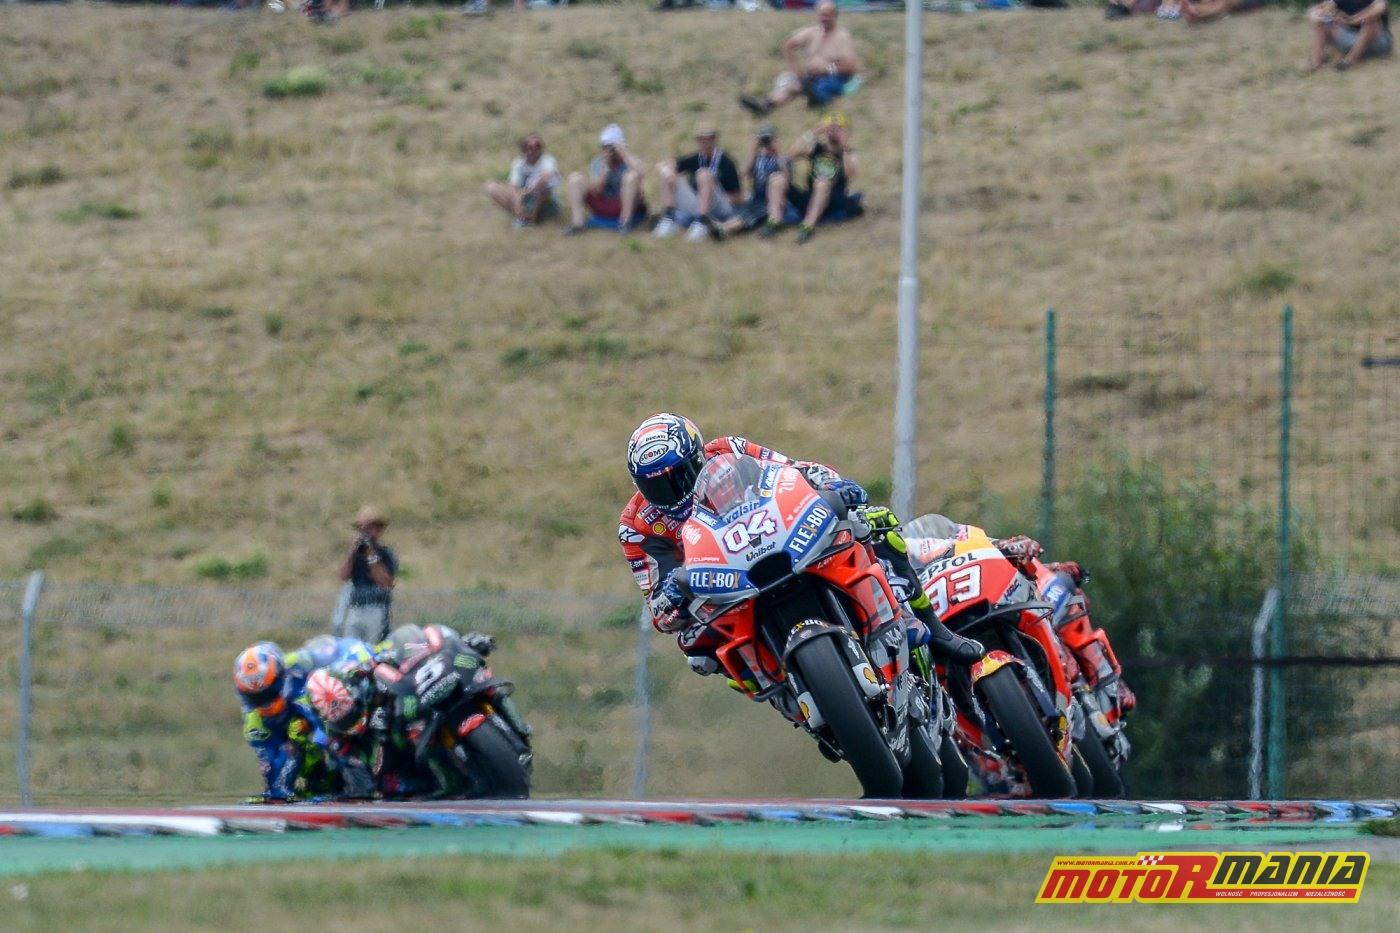 Wyścig MotoGP Brno 2018 - fot Waldek Walerczuk (27)